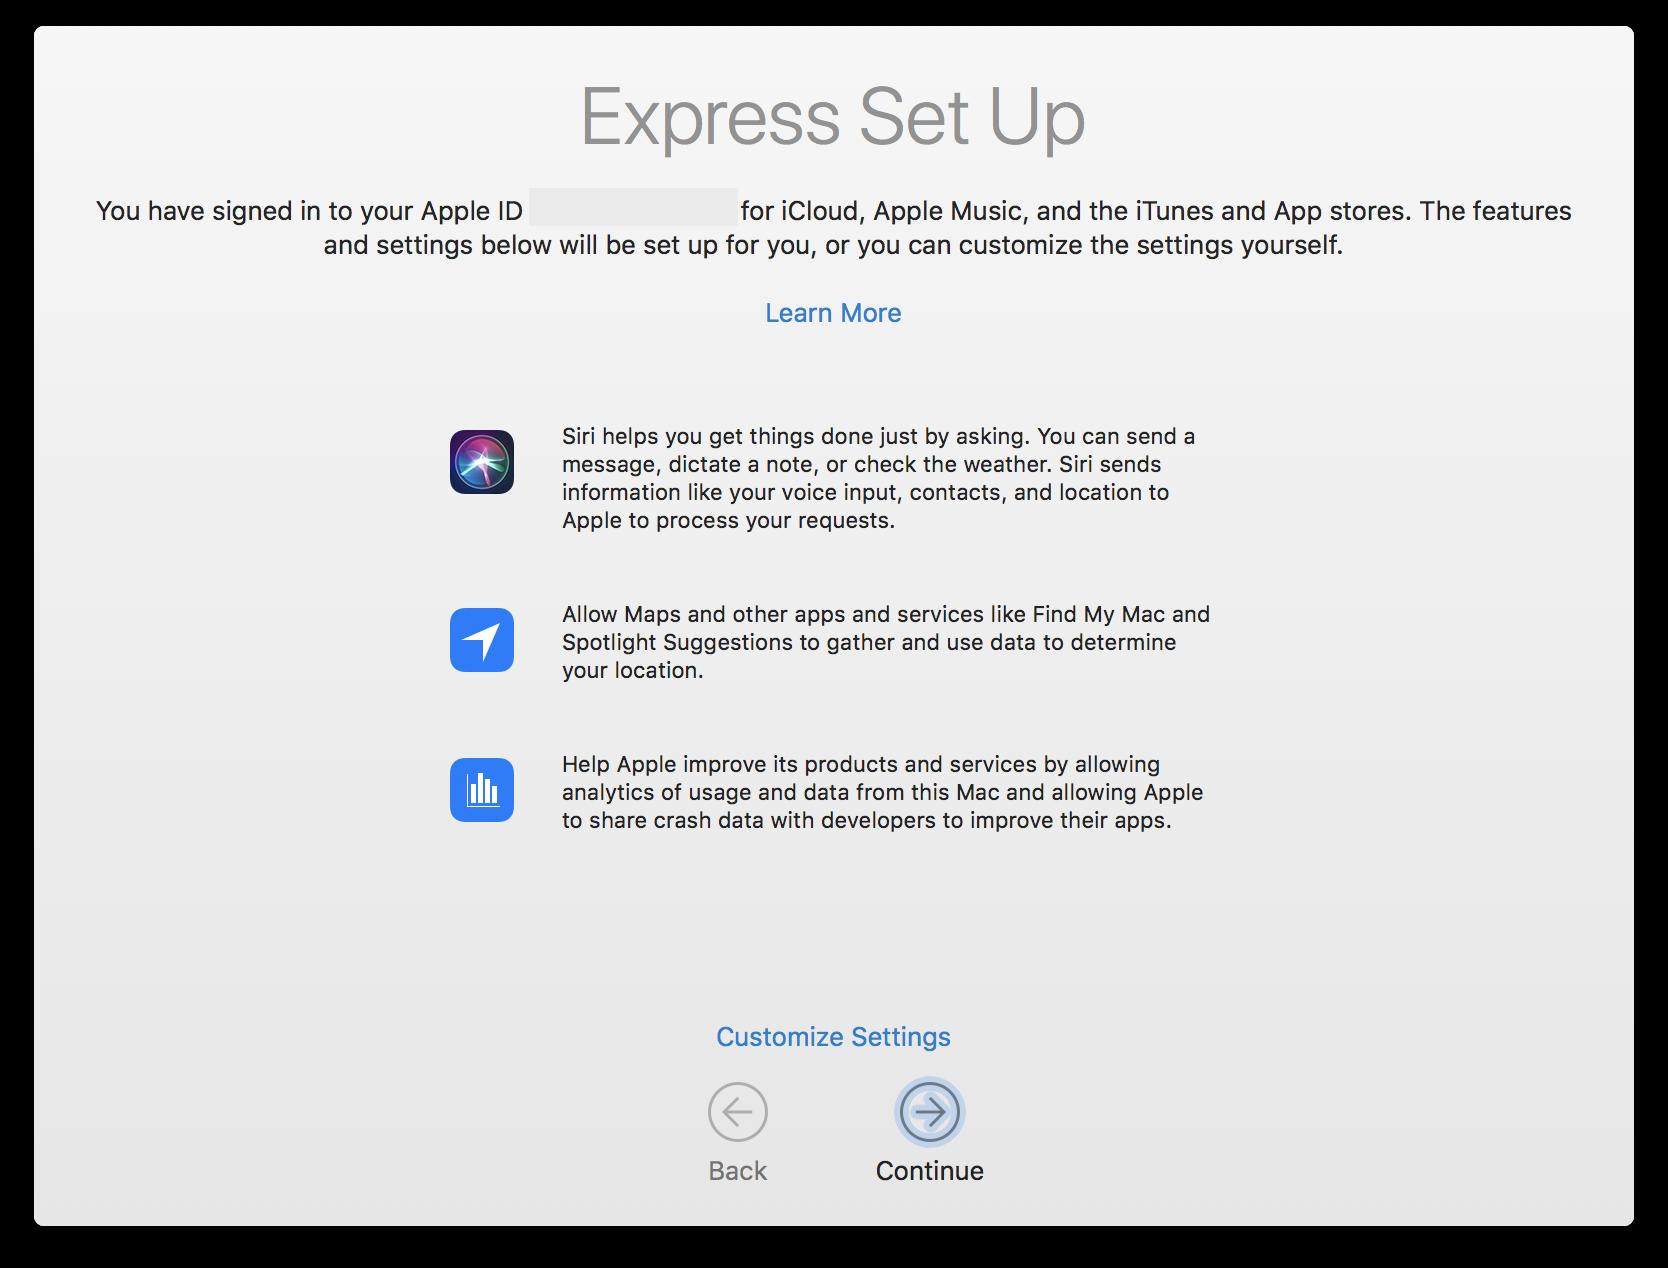 High Sierra's Express Set Up screen